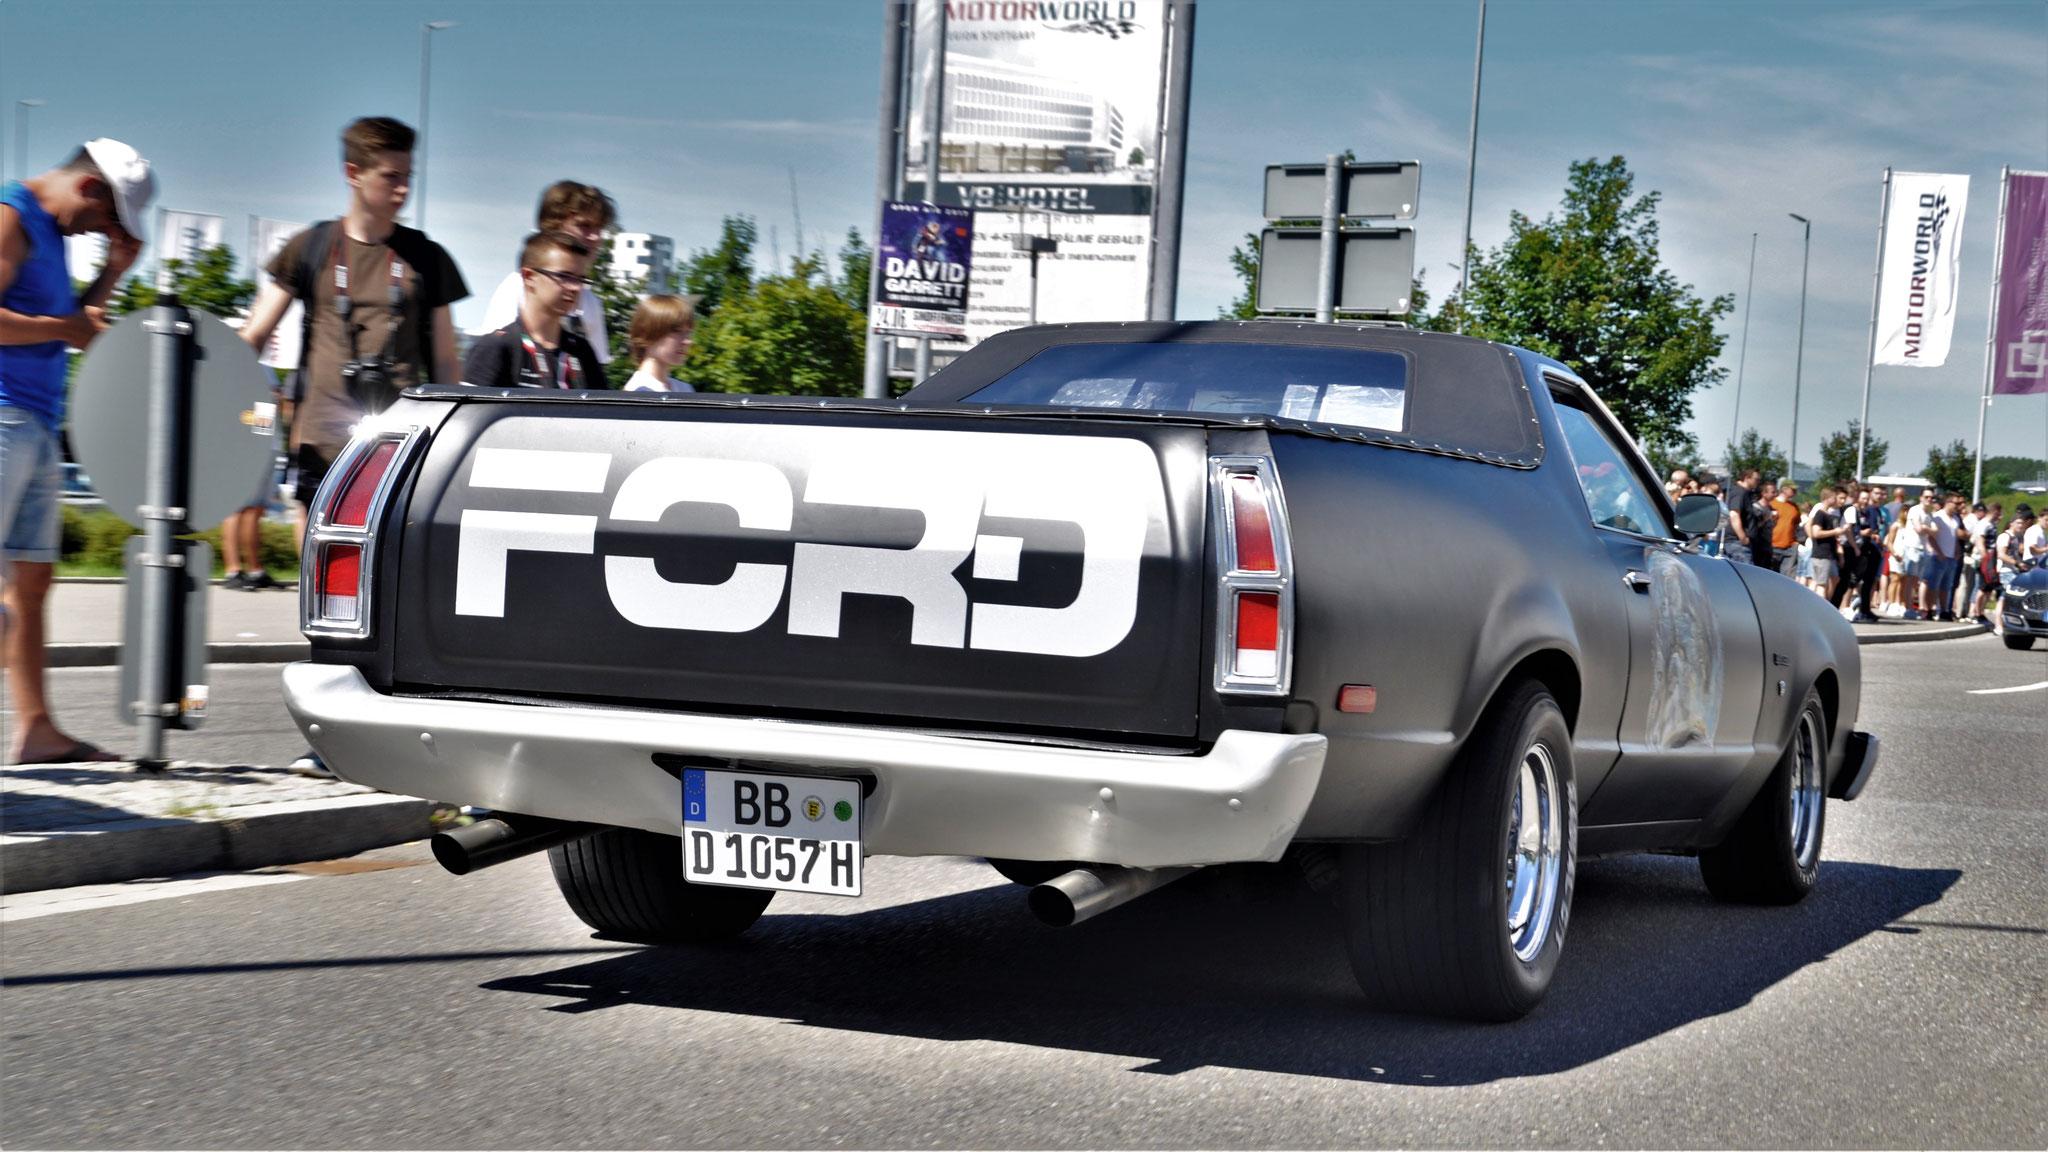 Ford Ranchero - BB-D-1057H